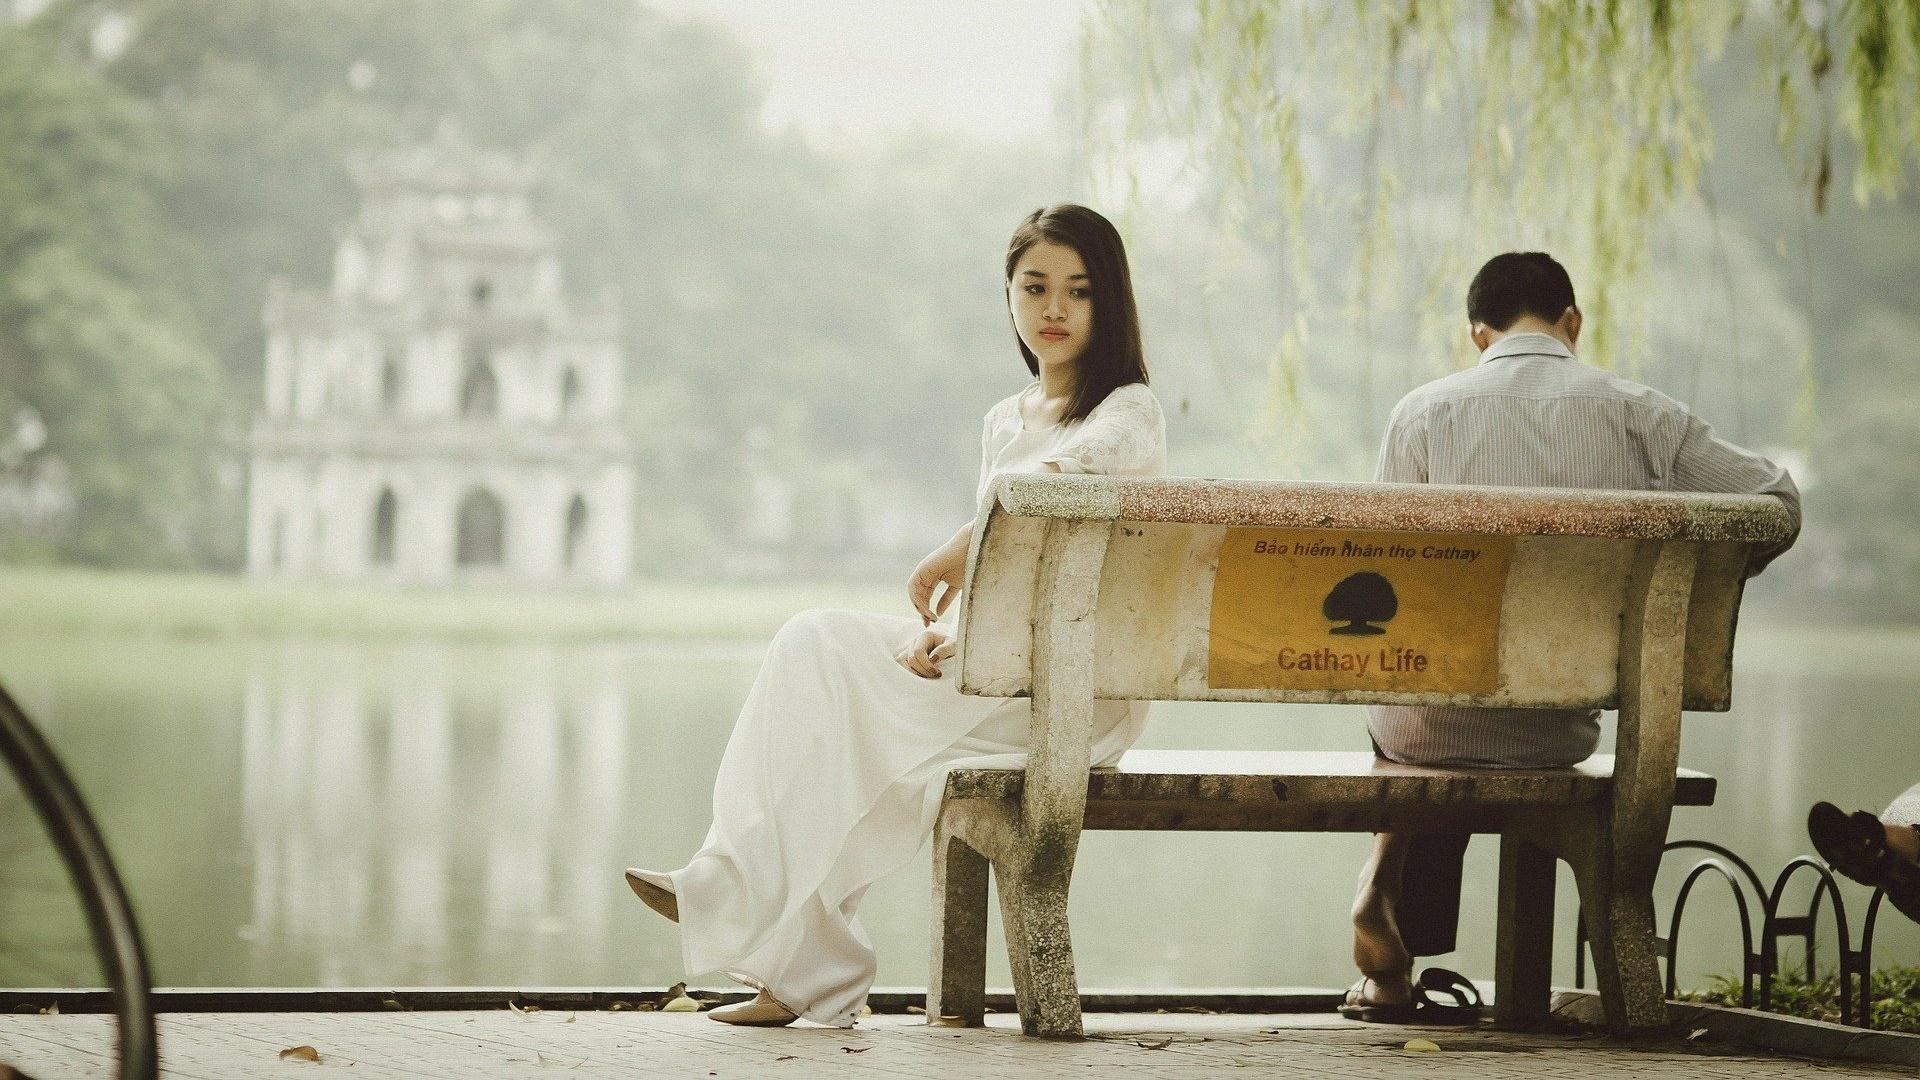 Die Beziehung zu beenden ist für viele Paar sehr schwer.